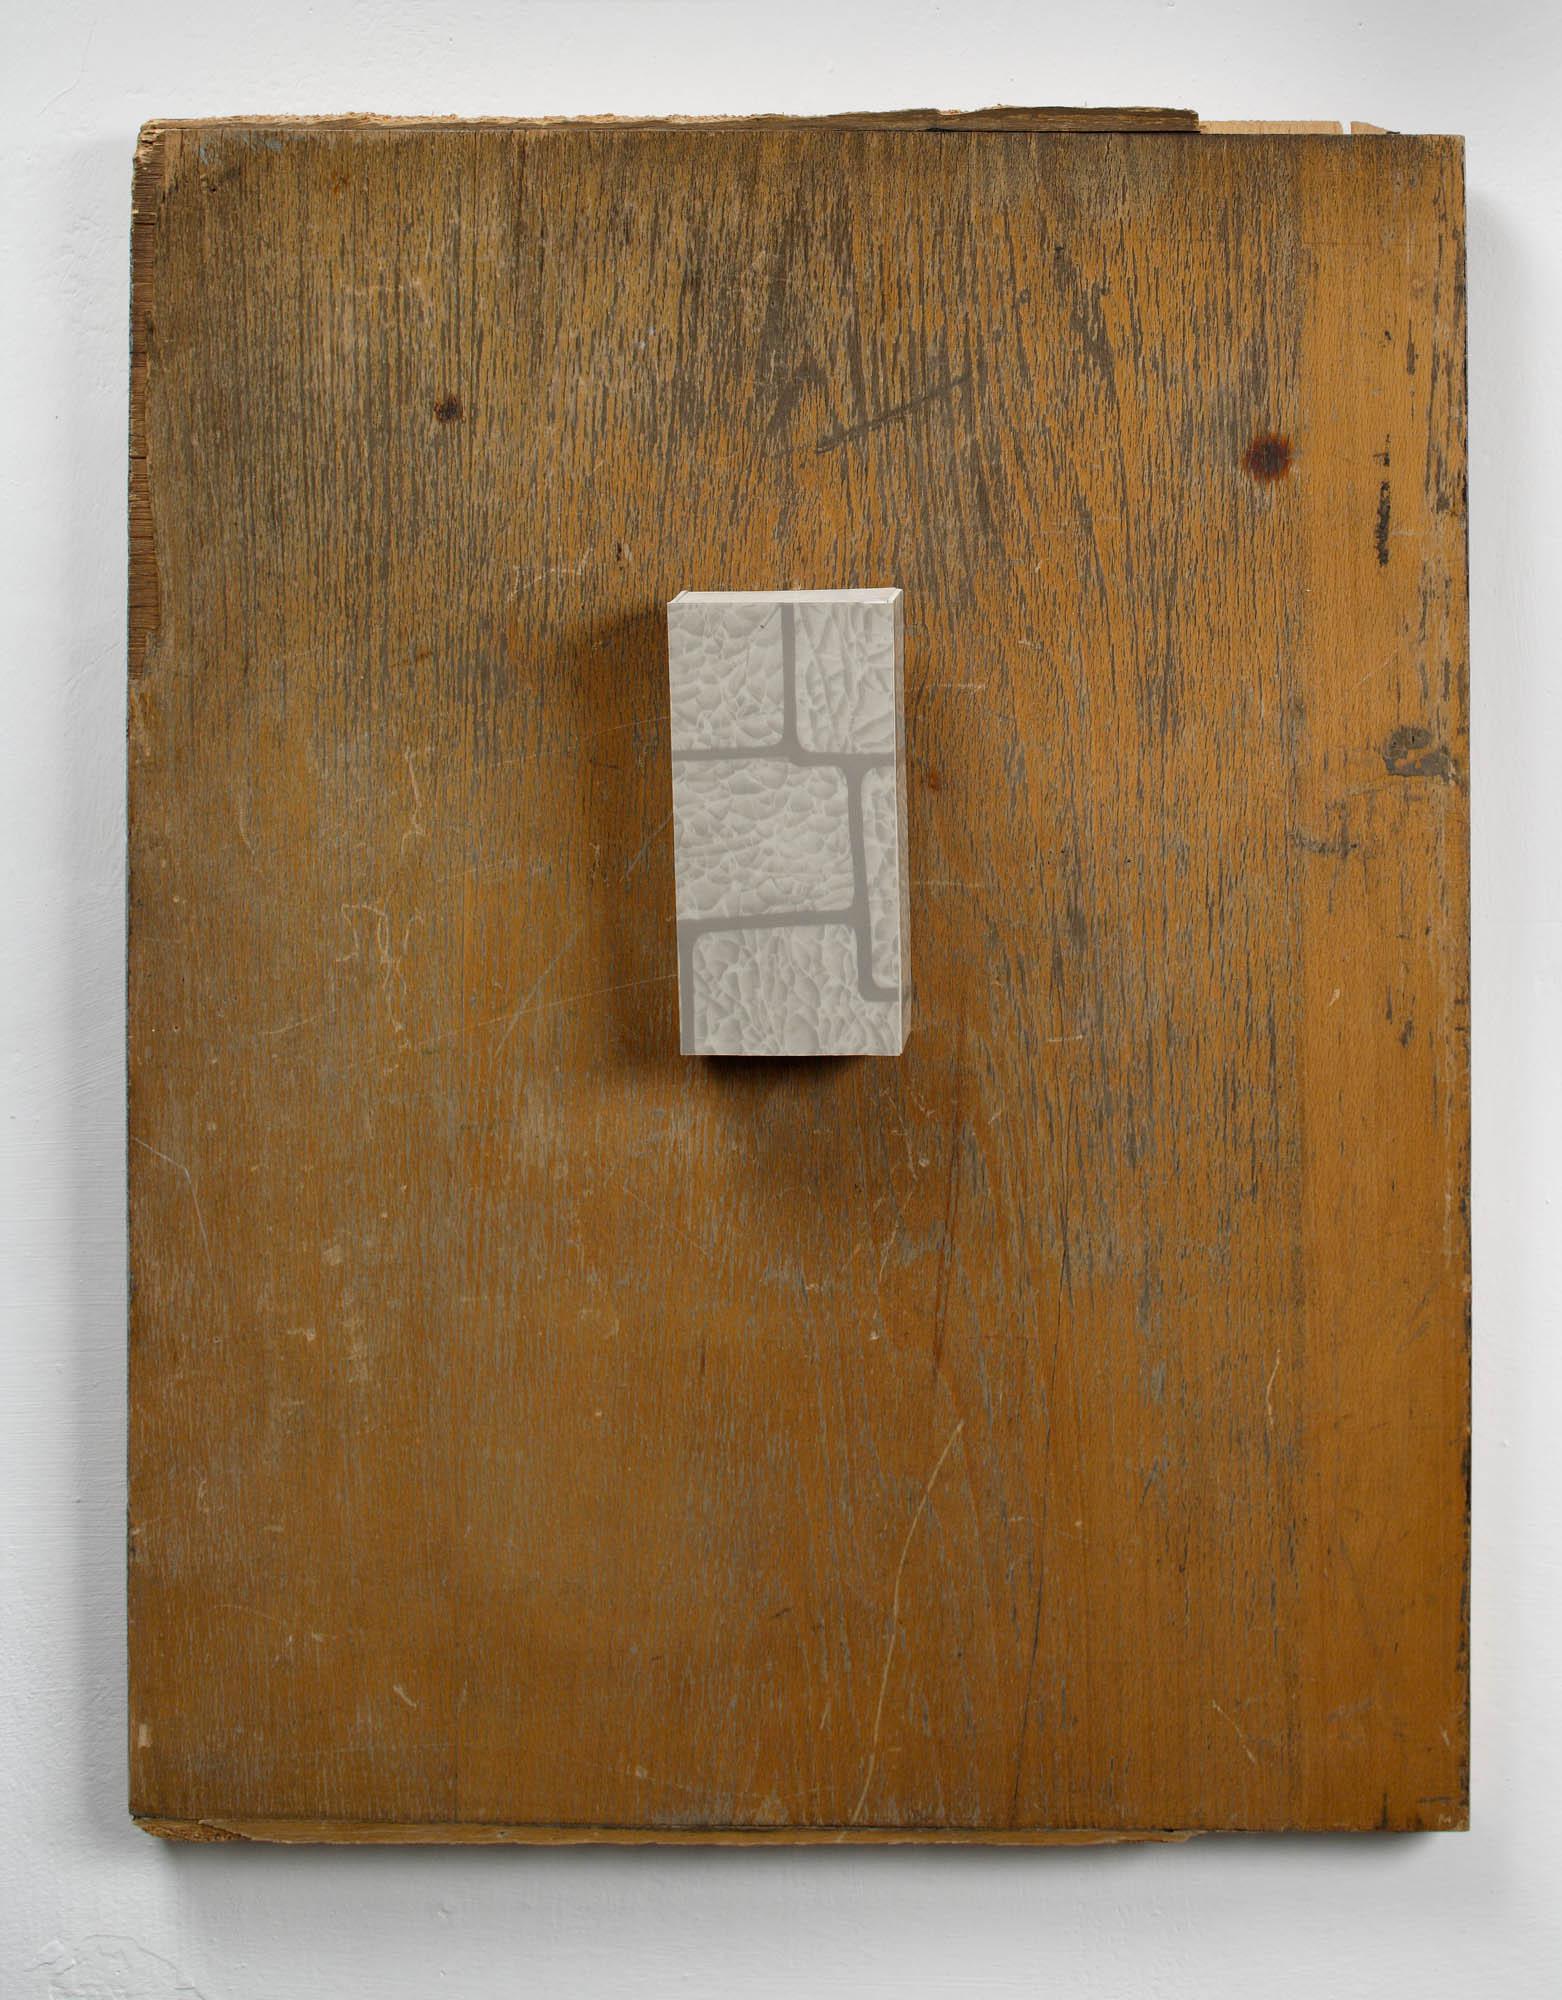 Jiří Kovanda, Kryształ, 1993 r., z kolekcji Adam Gallery (źródło: materiały prasowe)